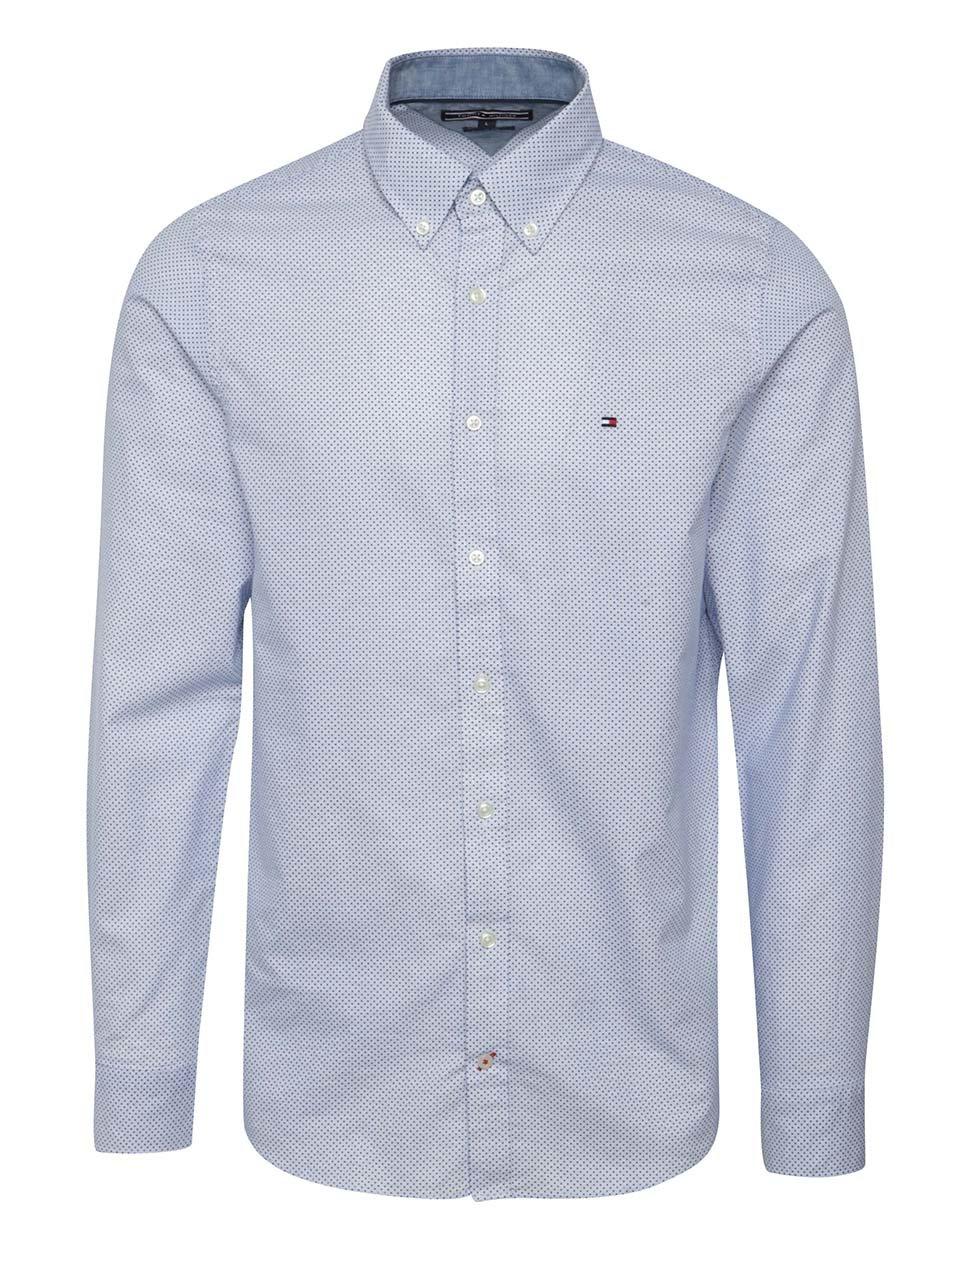 6a61450505 Bielo-modrá pánska vzorkovaná slim fit košeľa Tommy Hilfiger ...